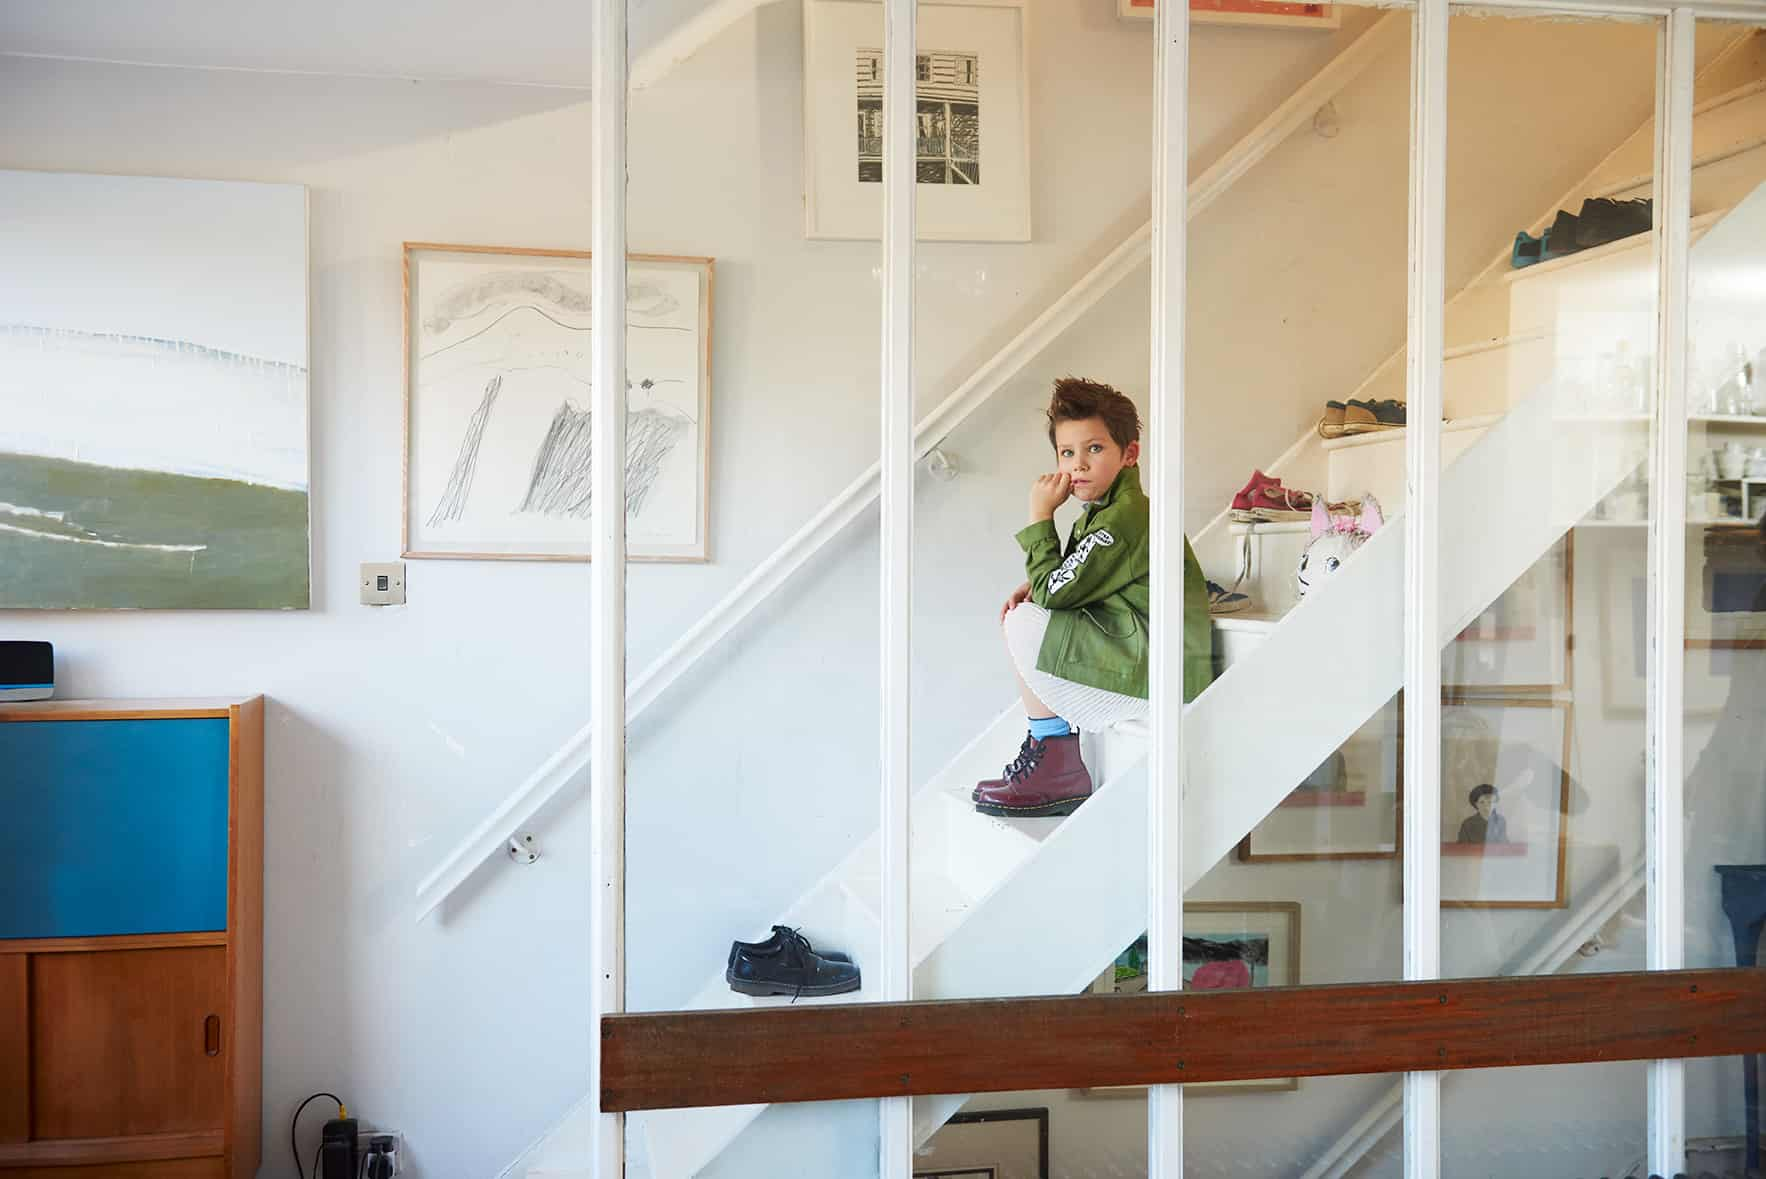 Photographer Joanna Paterson No Added Sugar Kith & Kin SS17